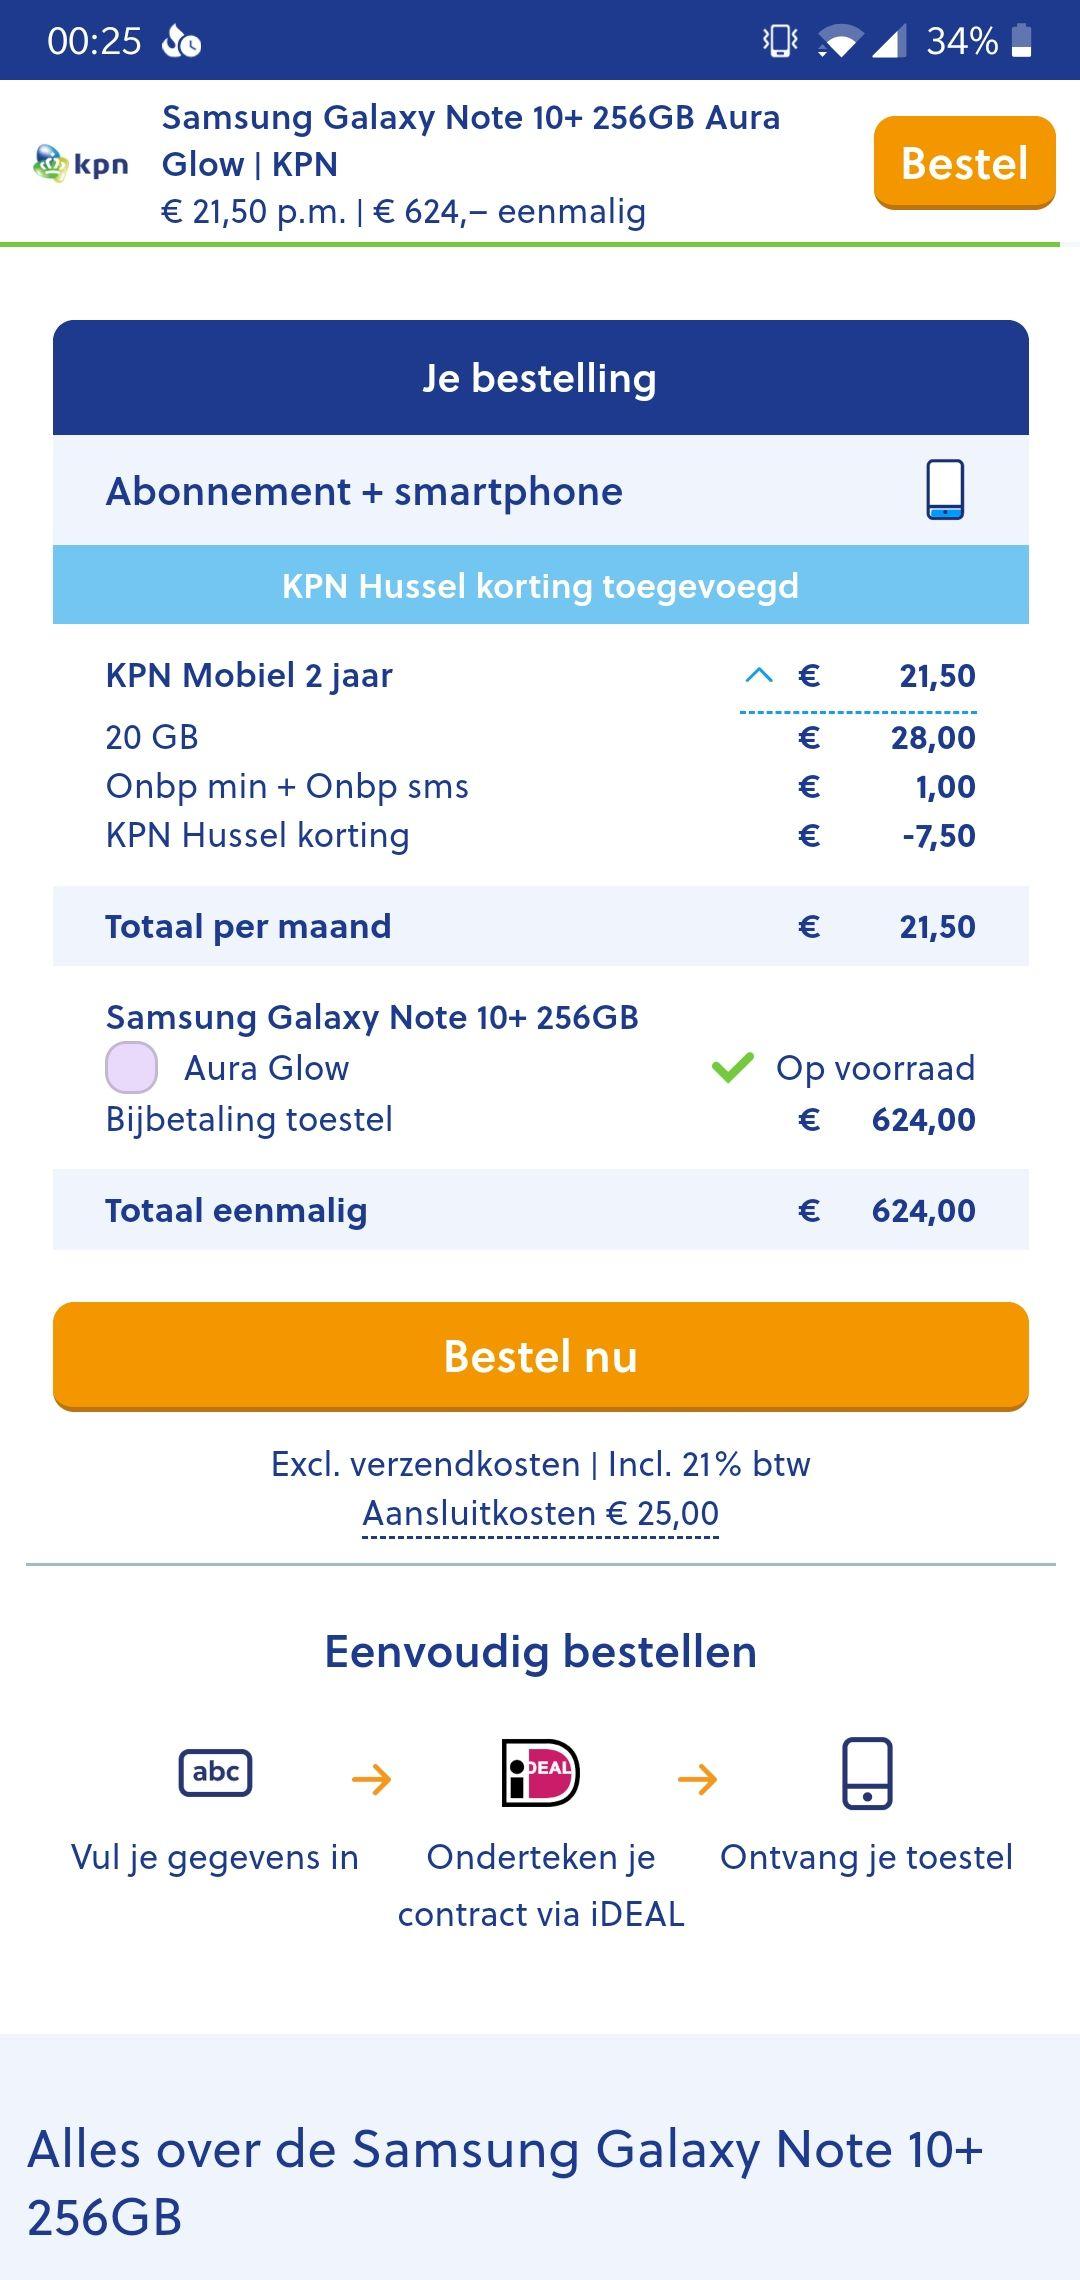 Samsung Galaxy Note 10+ €624 icm nieuw KPN abonnement